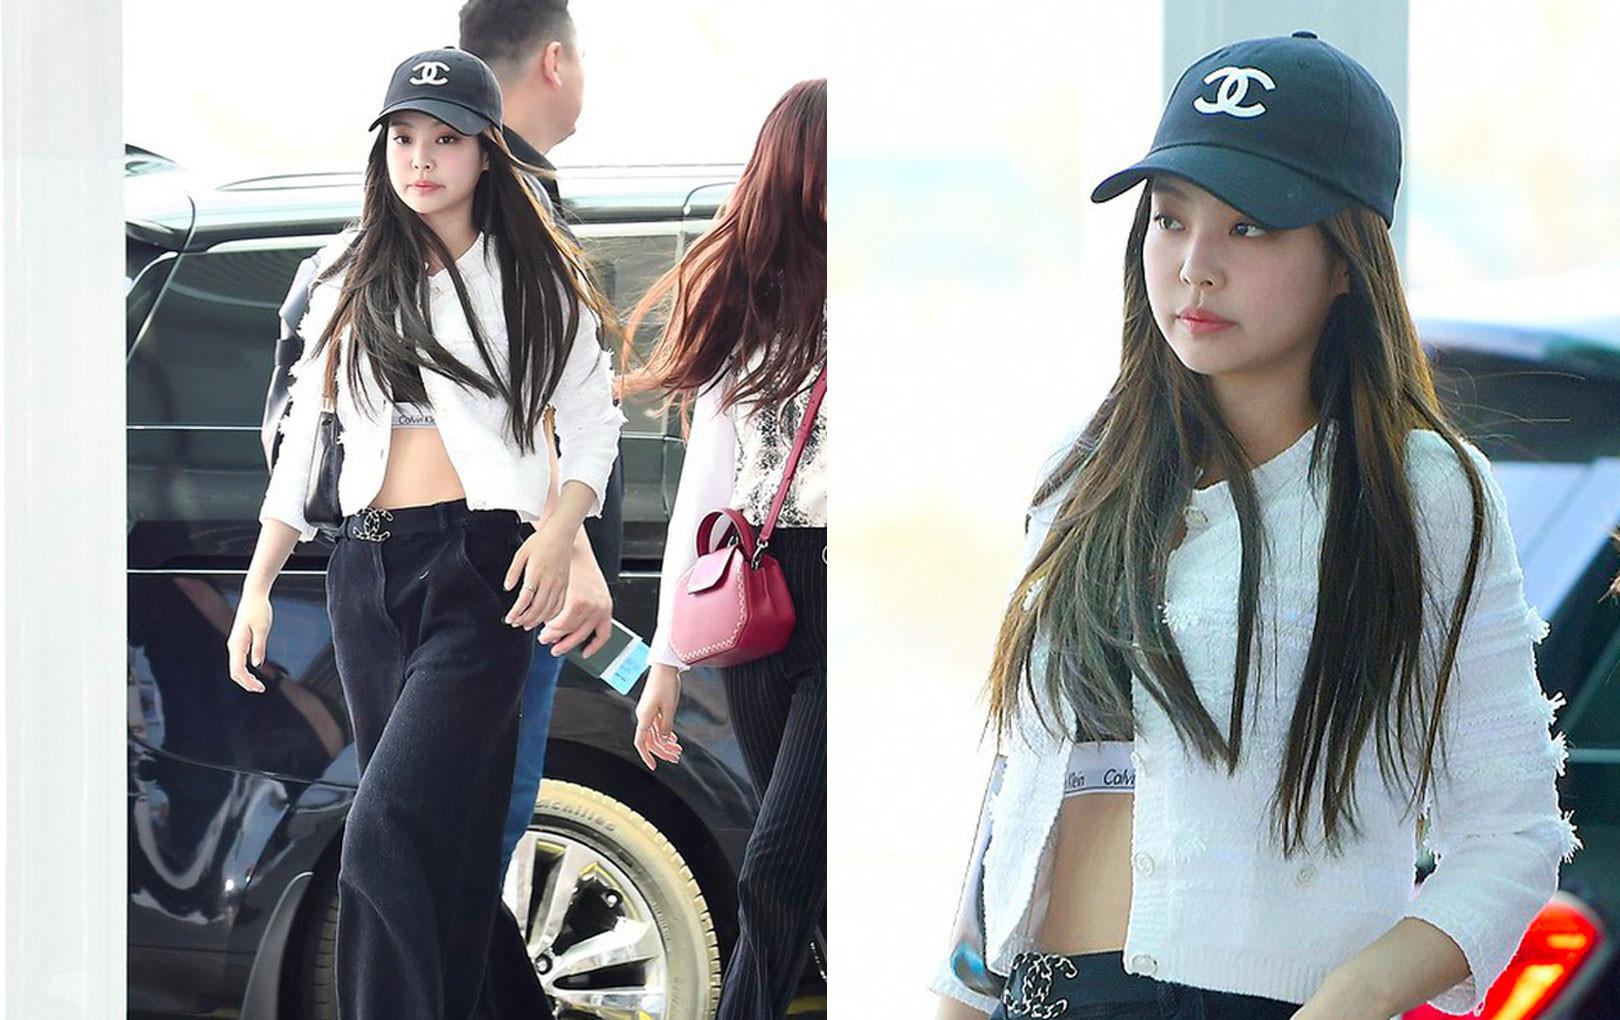 Mặc đồ đắt thì nhiều nhưng nhấn nhá thông minh như Jennie thì không phải ai cũng làm được